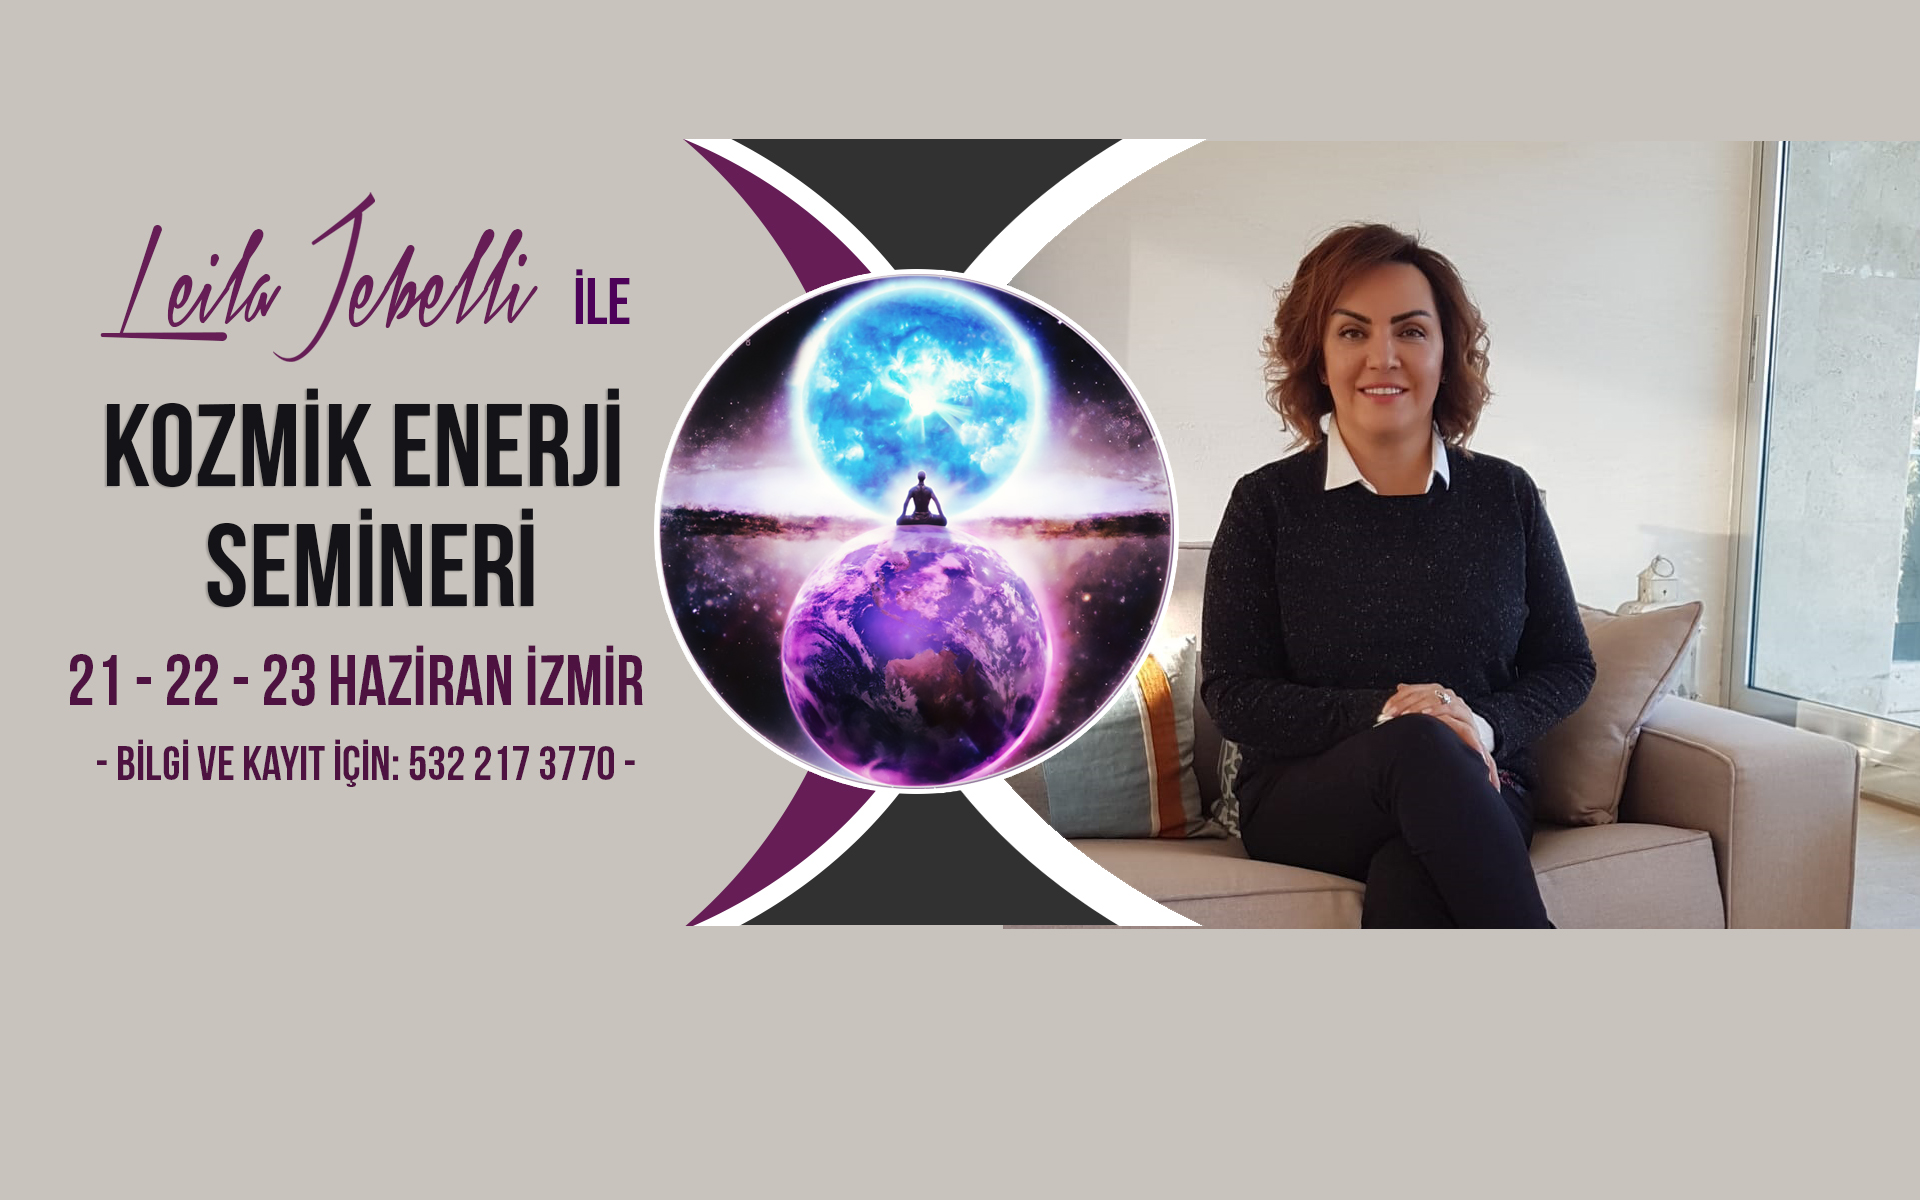 kozmik-enerji